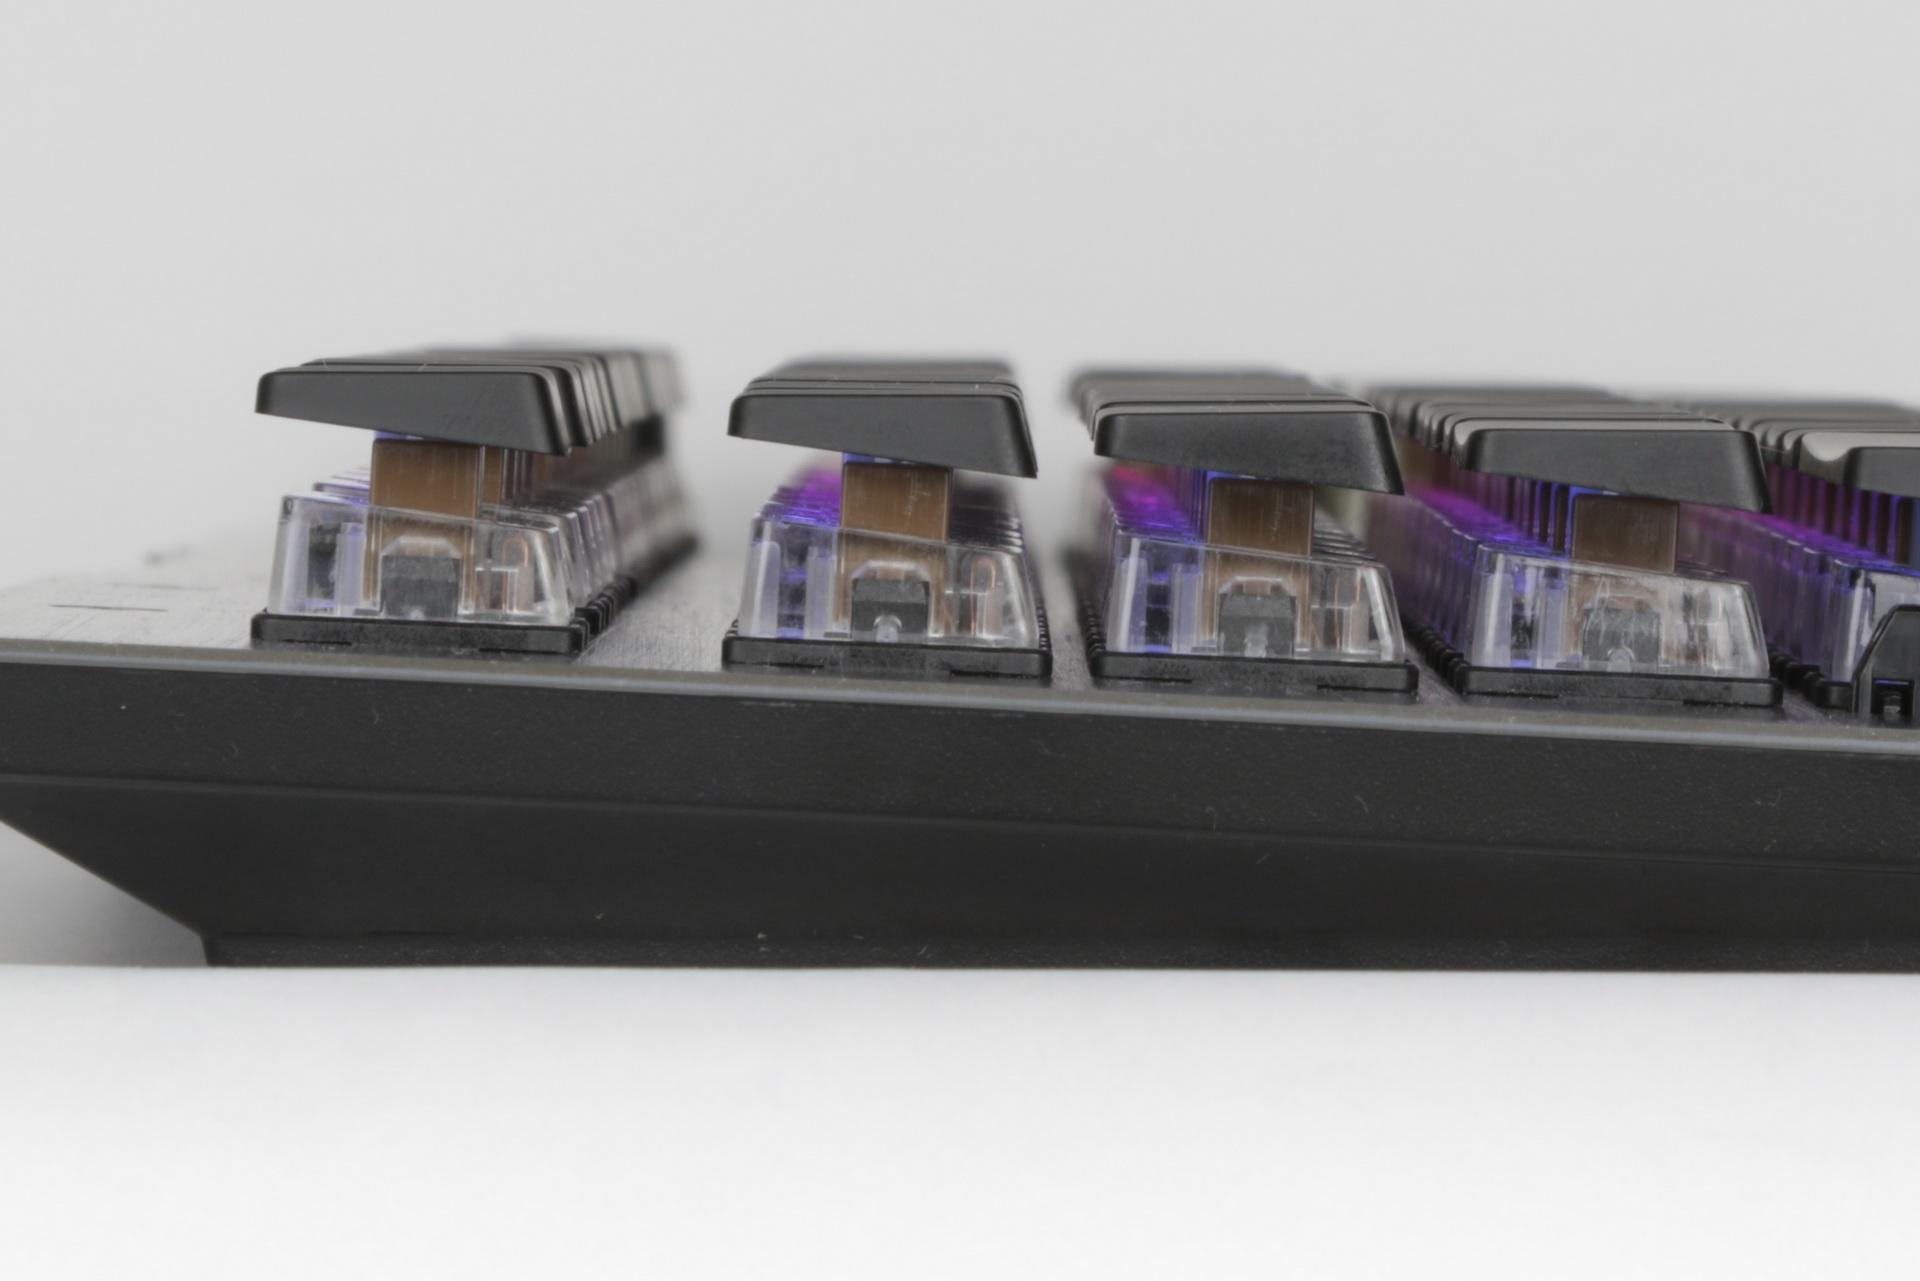 独自のメカニカルスイッチ機構「Titan Switch」を採用